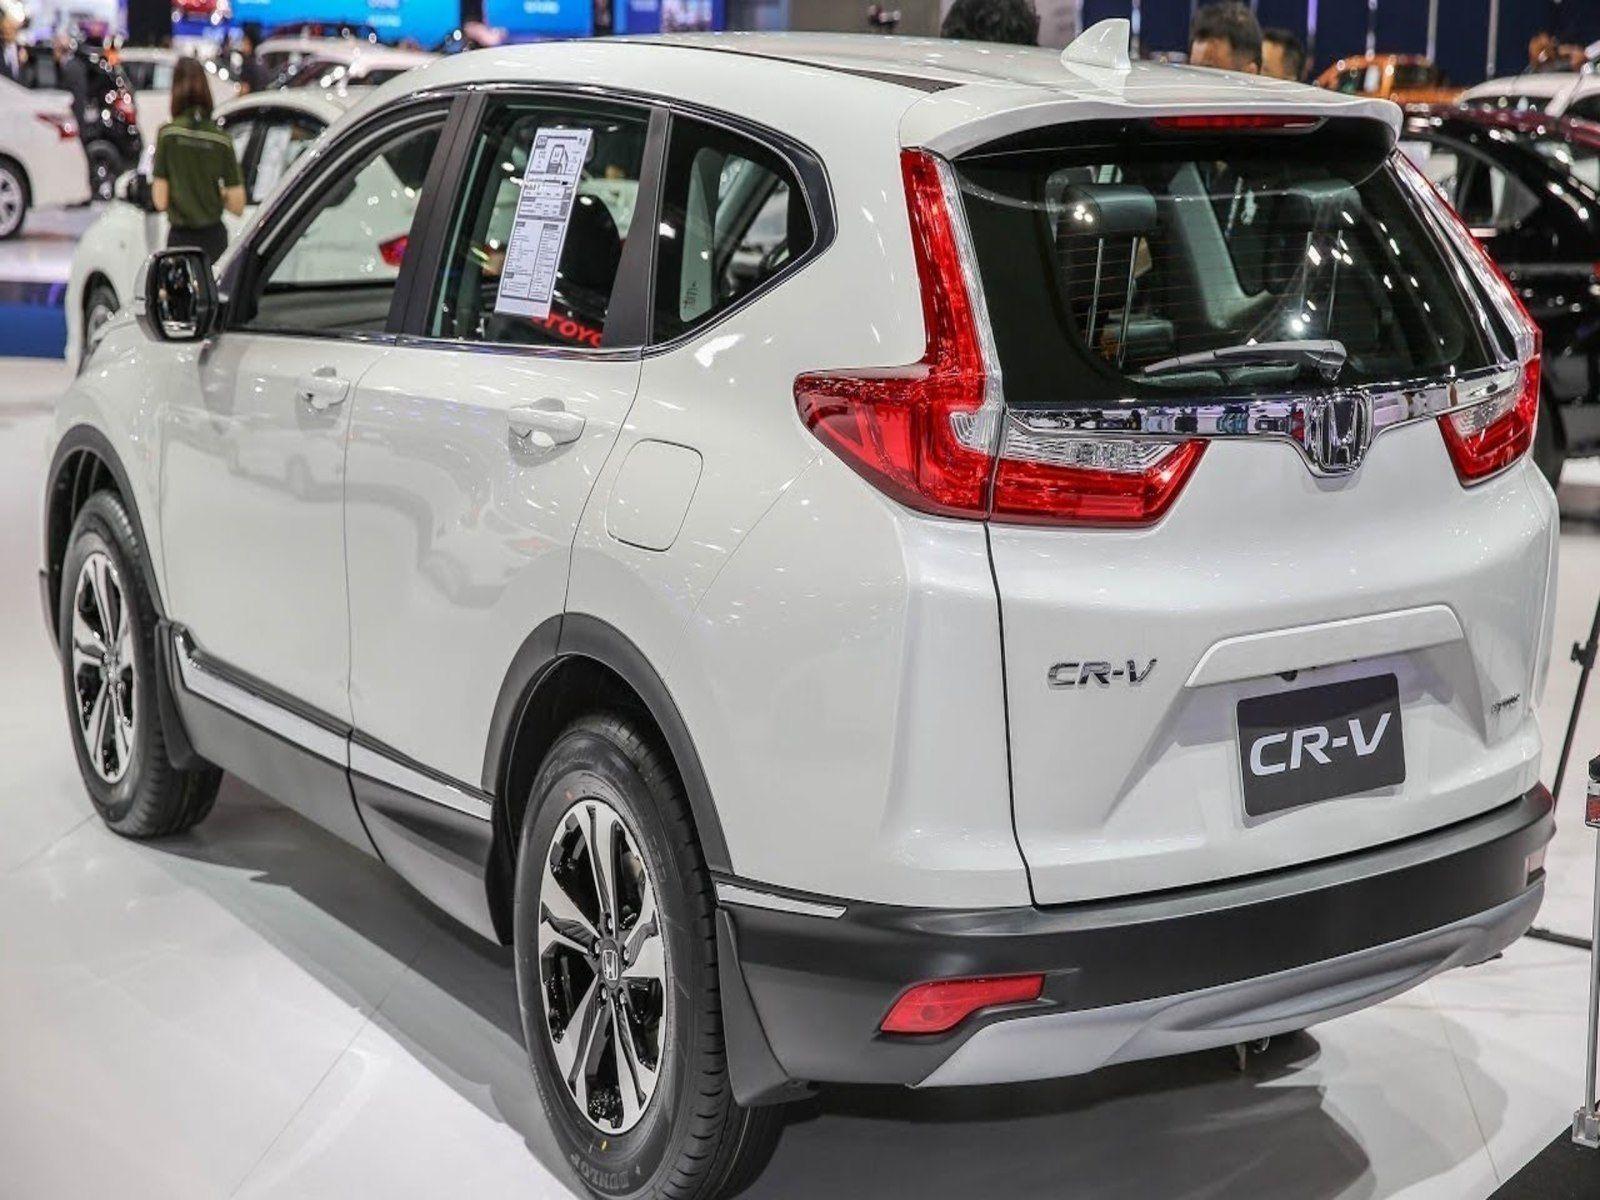 Honda Hr V Models Canada 7 Seater Suv Honda Cr Suv